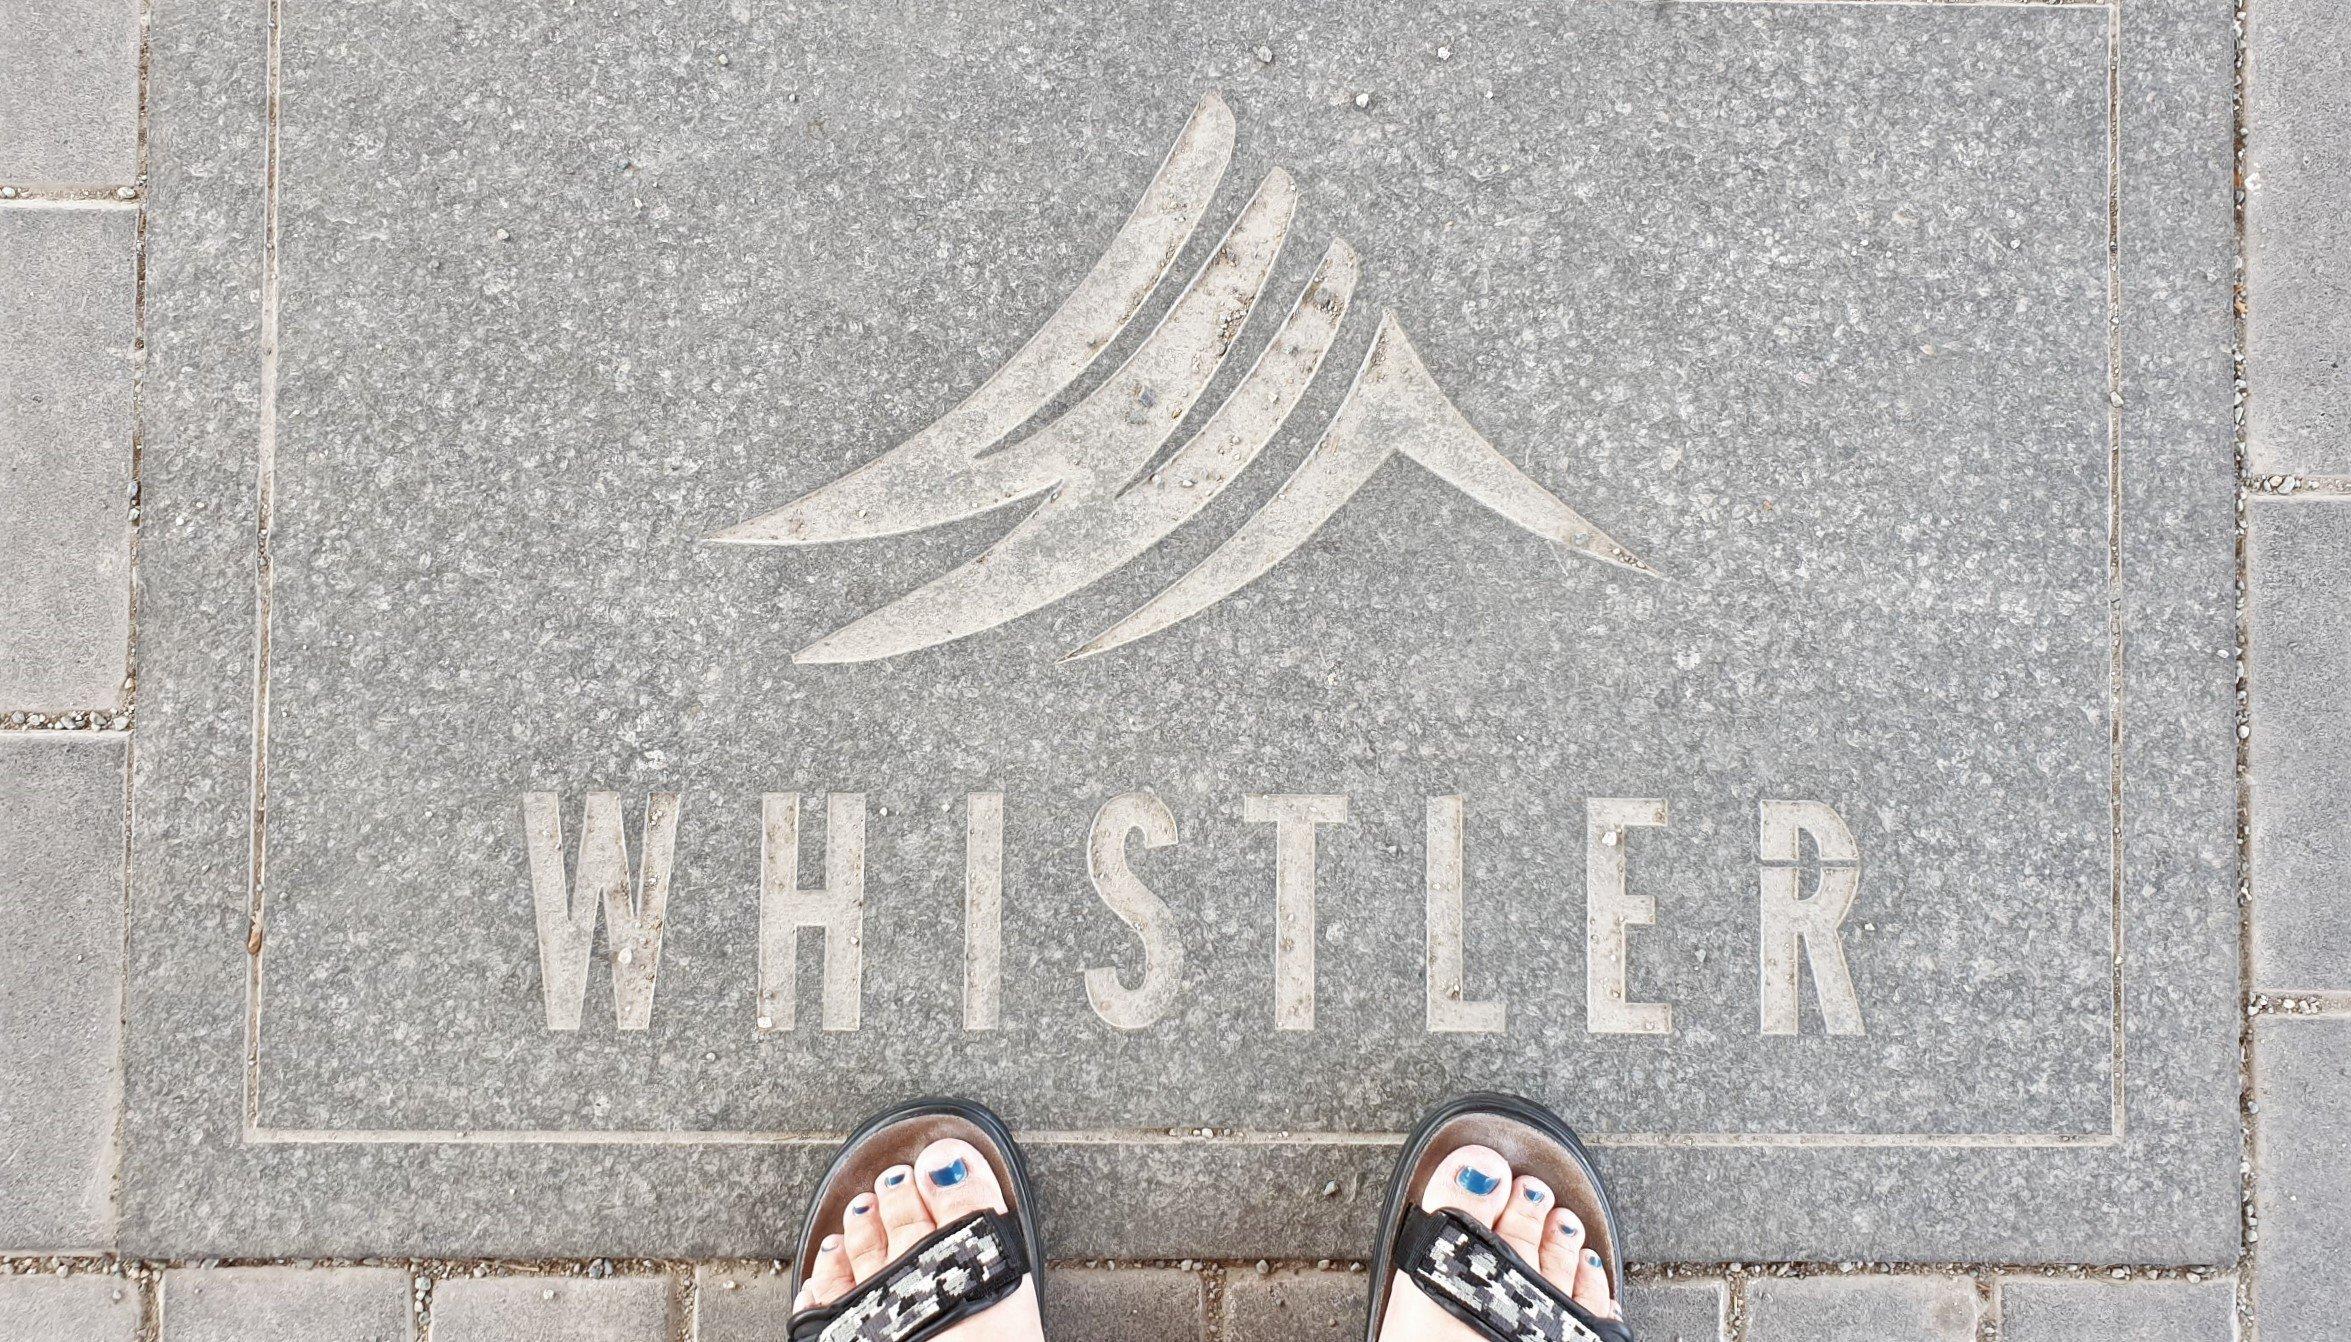 dove si trova Whitsler